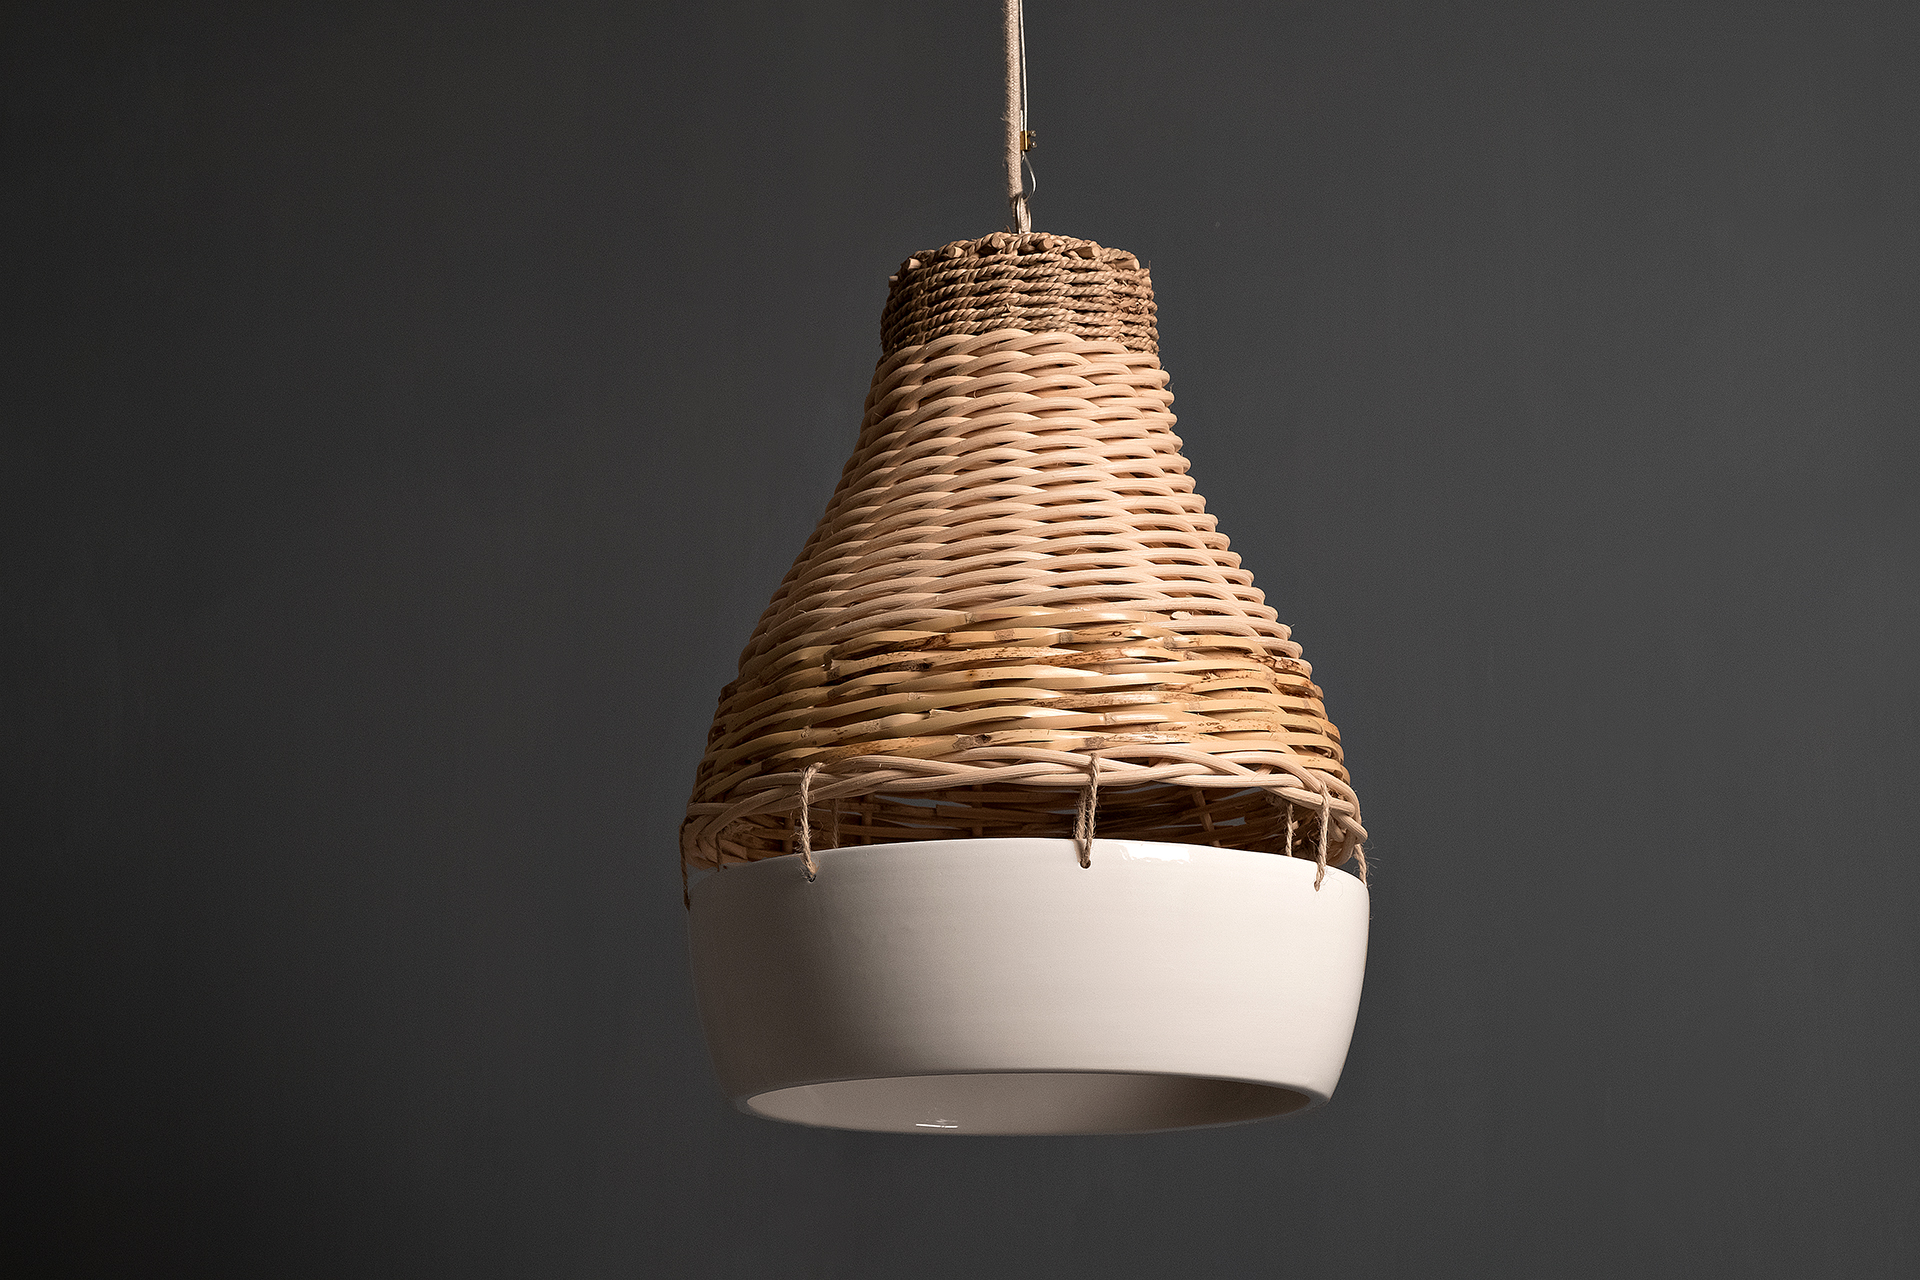 Ortella, lampada a sospensione di design, componibile, ceramica e intrecci in fibra naturale